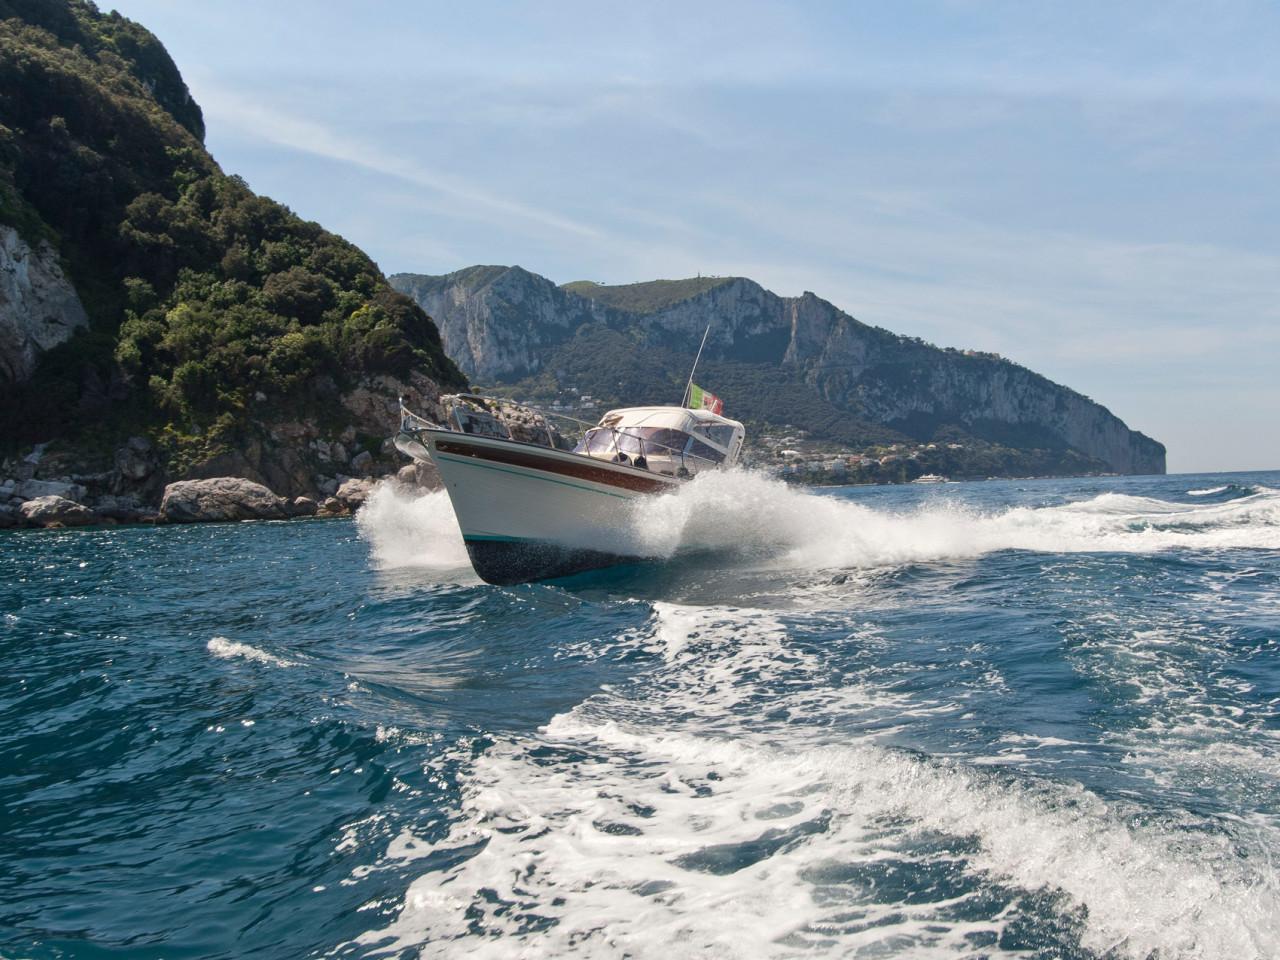 Filì - Aprea 32 | Noleggio gozzo privato Costiera Amalfitana